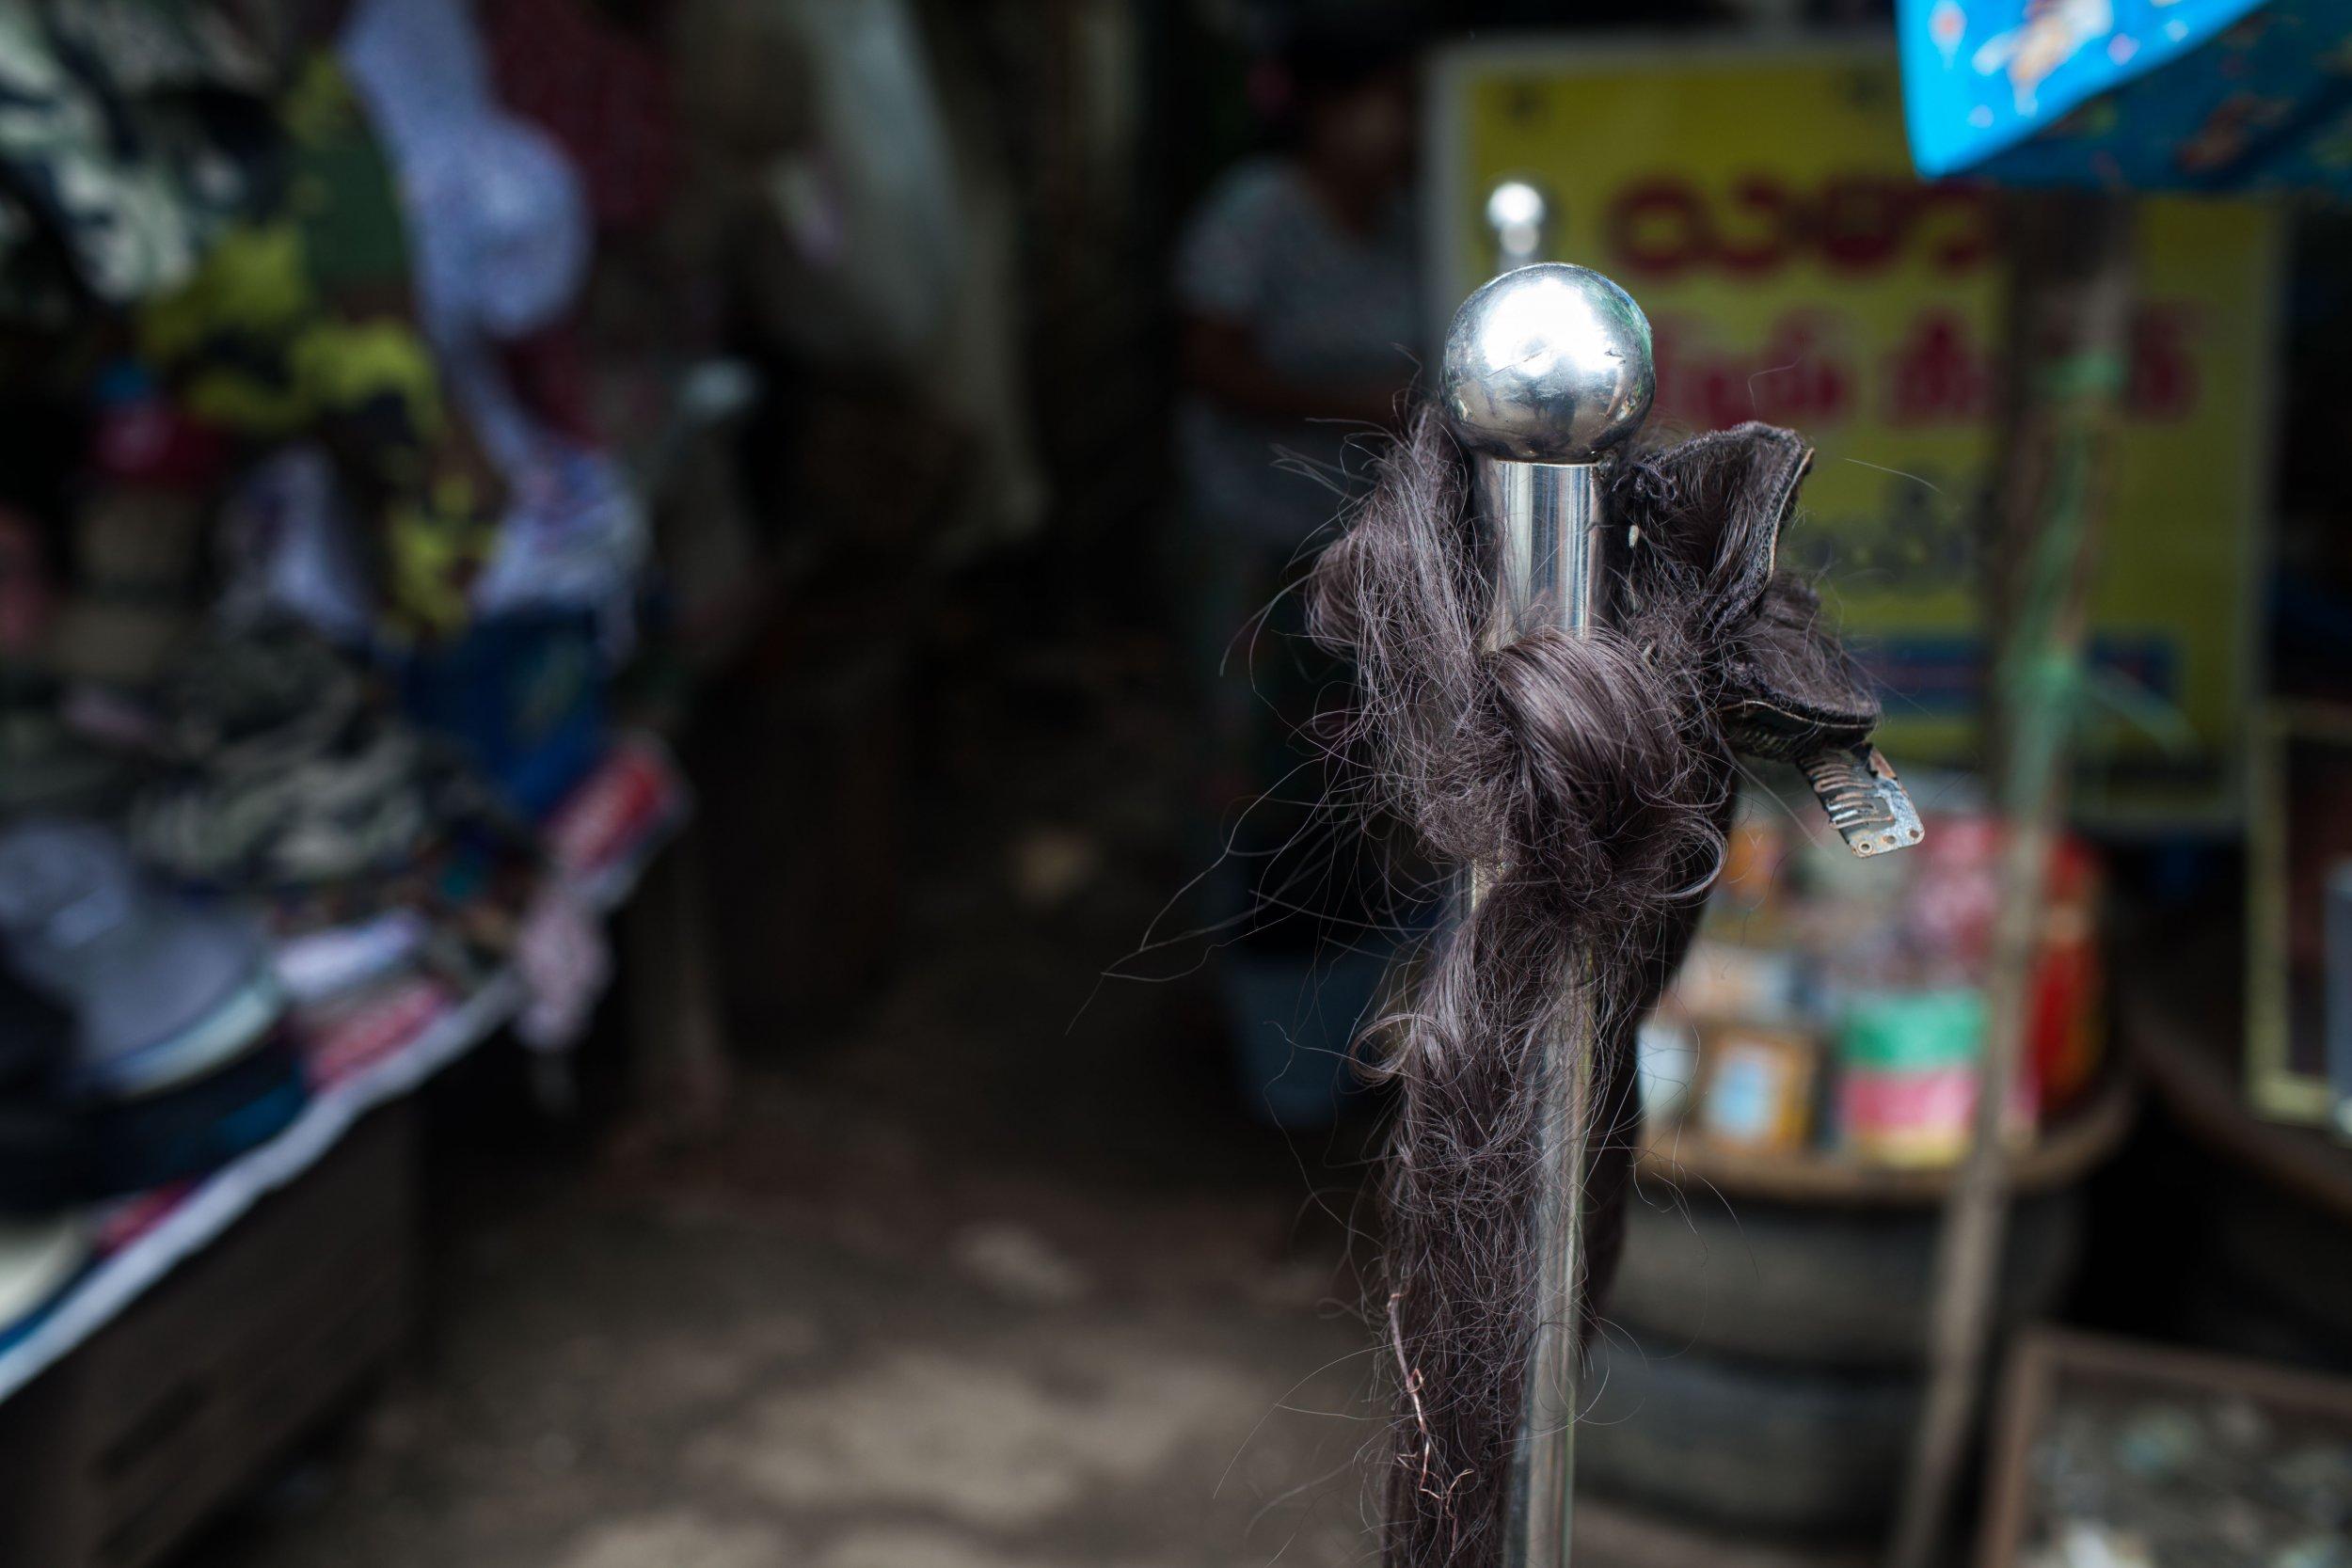 09_15_hairball